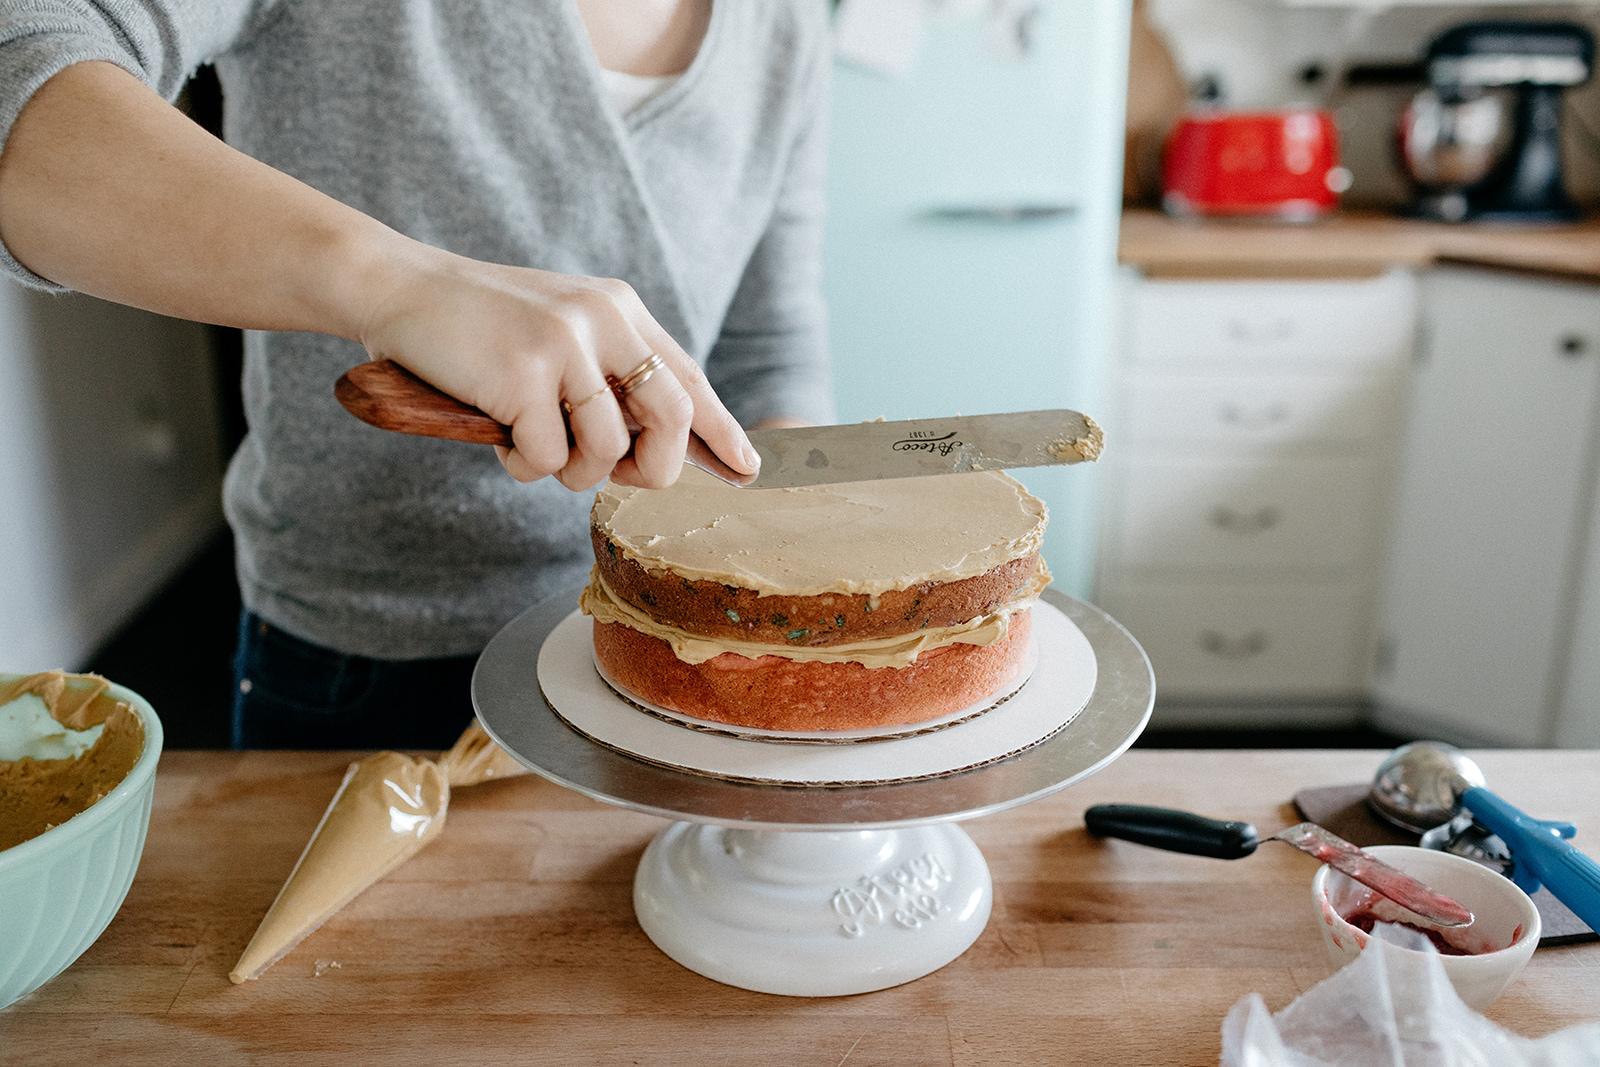 molly-yeh-rhubarb-birthday-cake-11.jpg